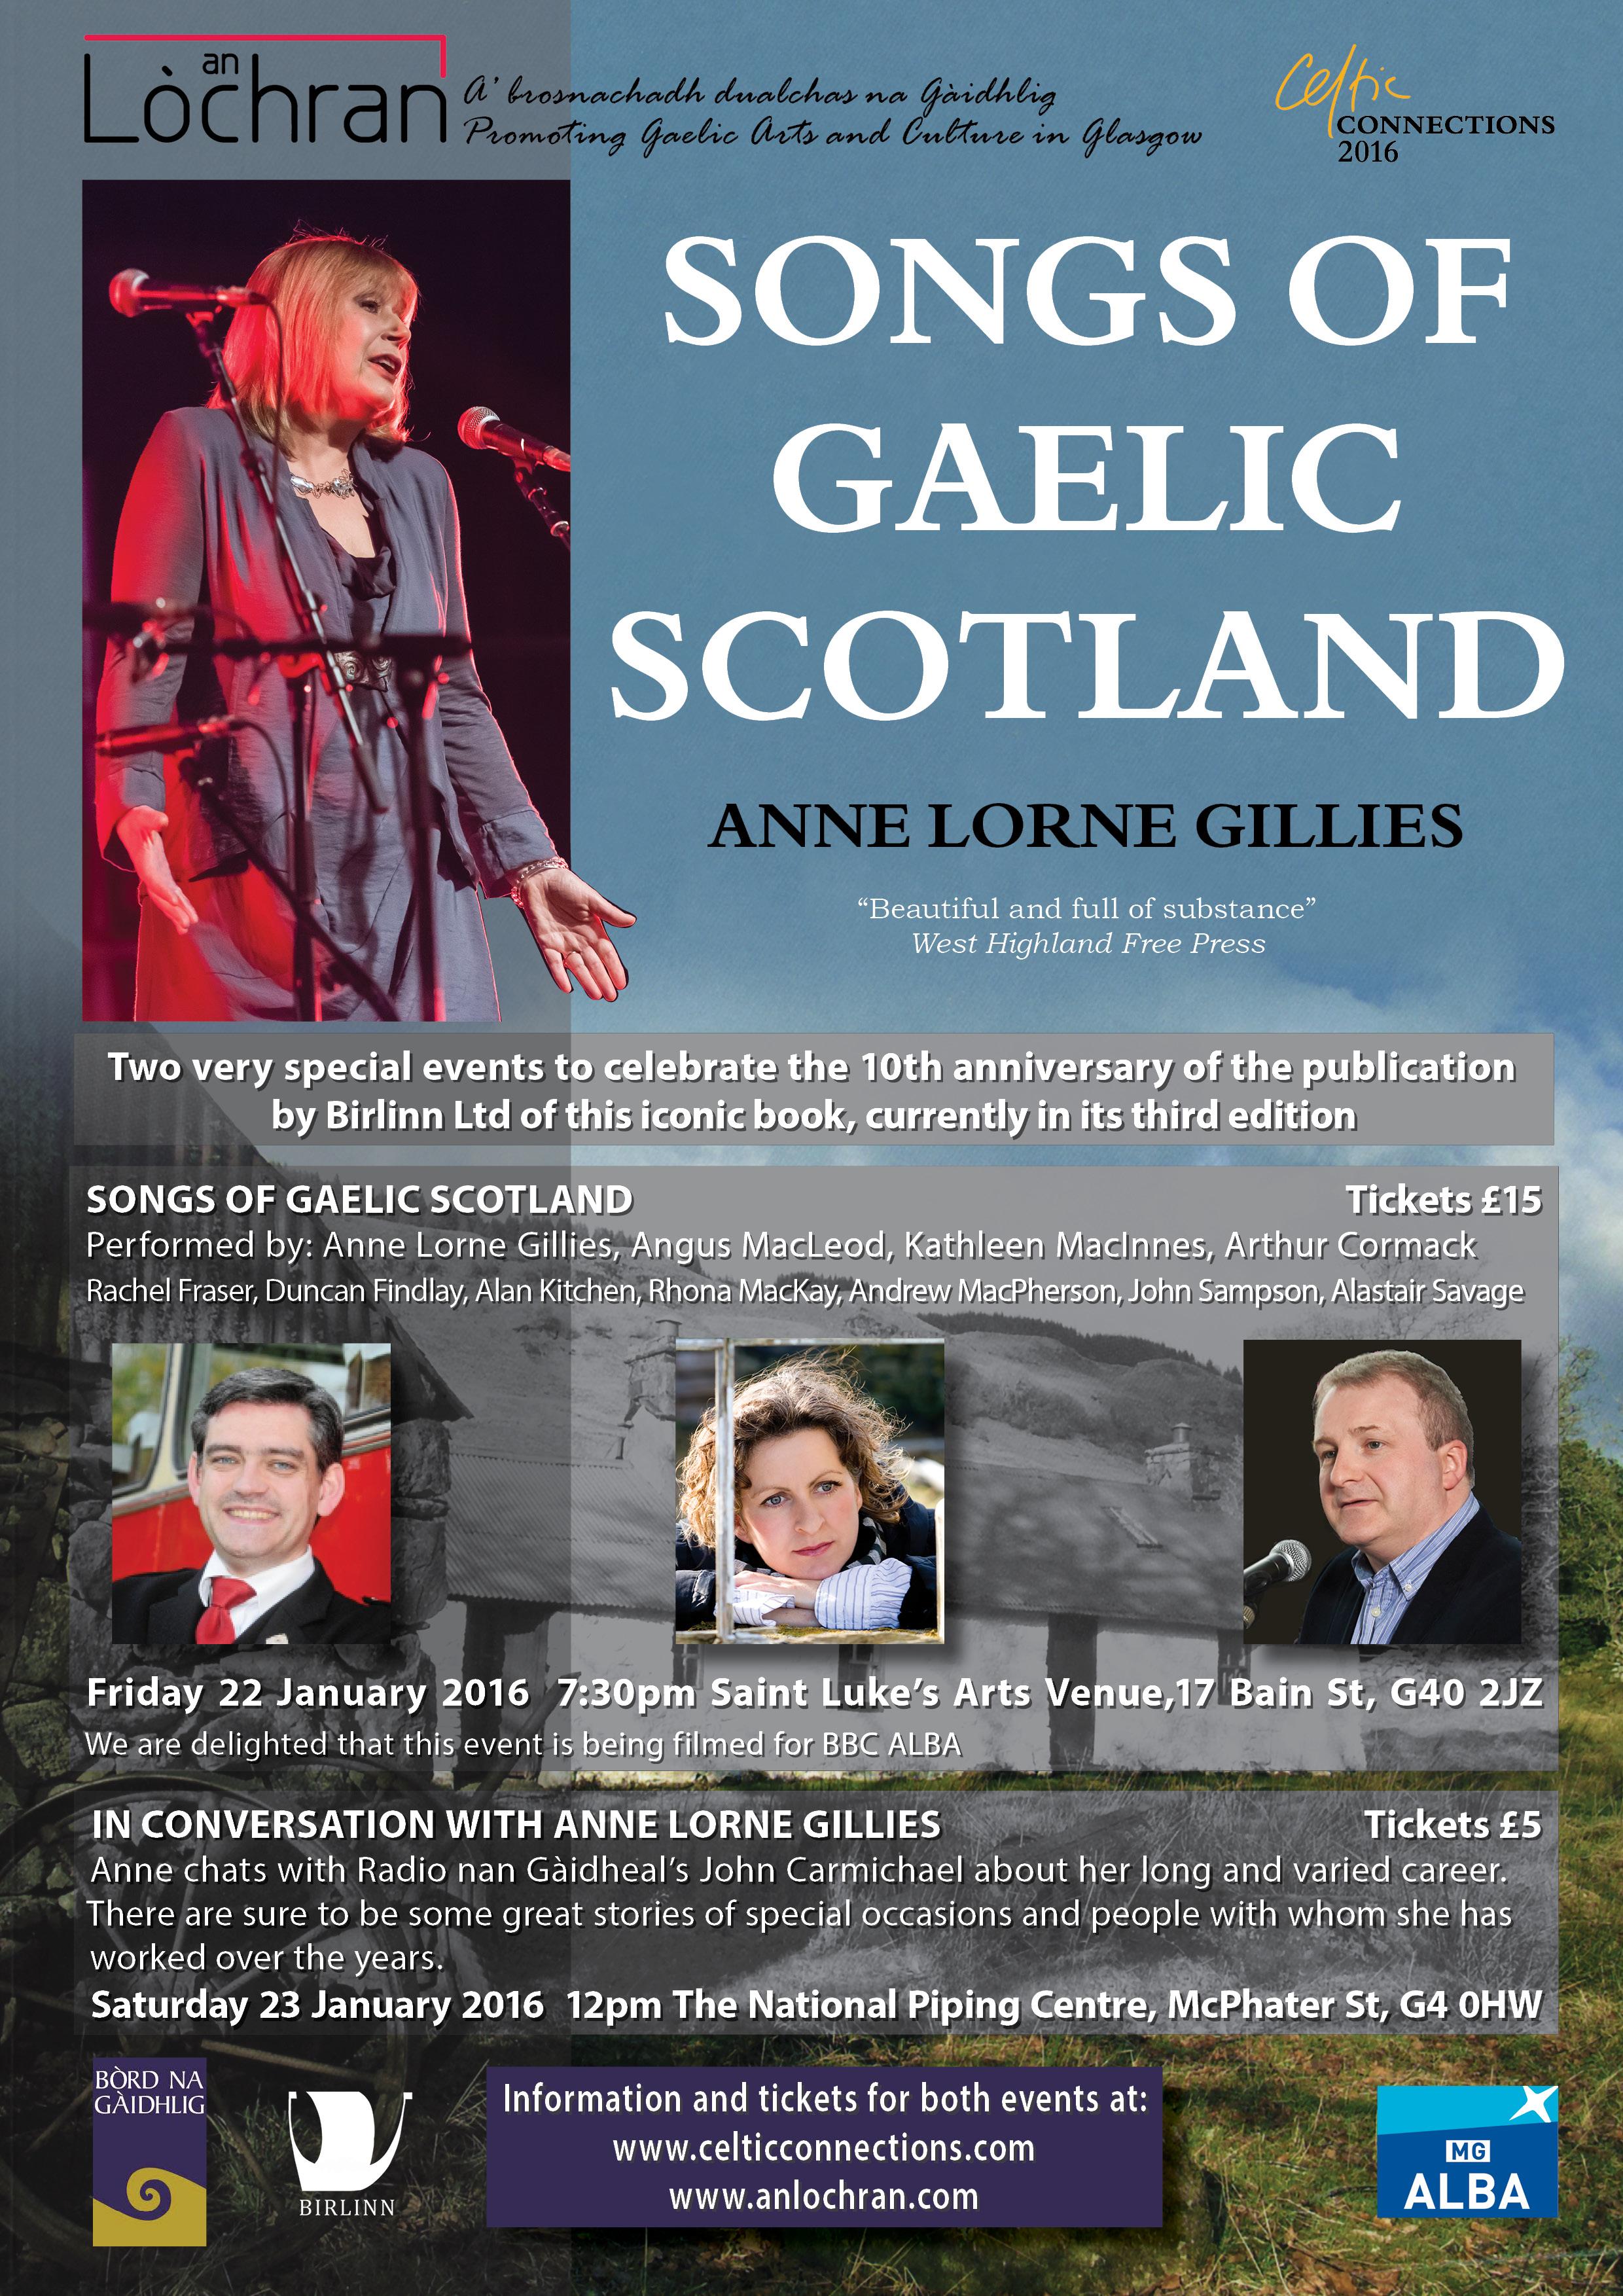 SONGS OF GAELIC SCOTLAND